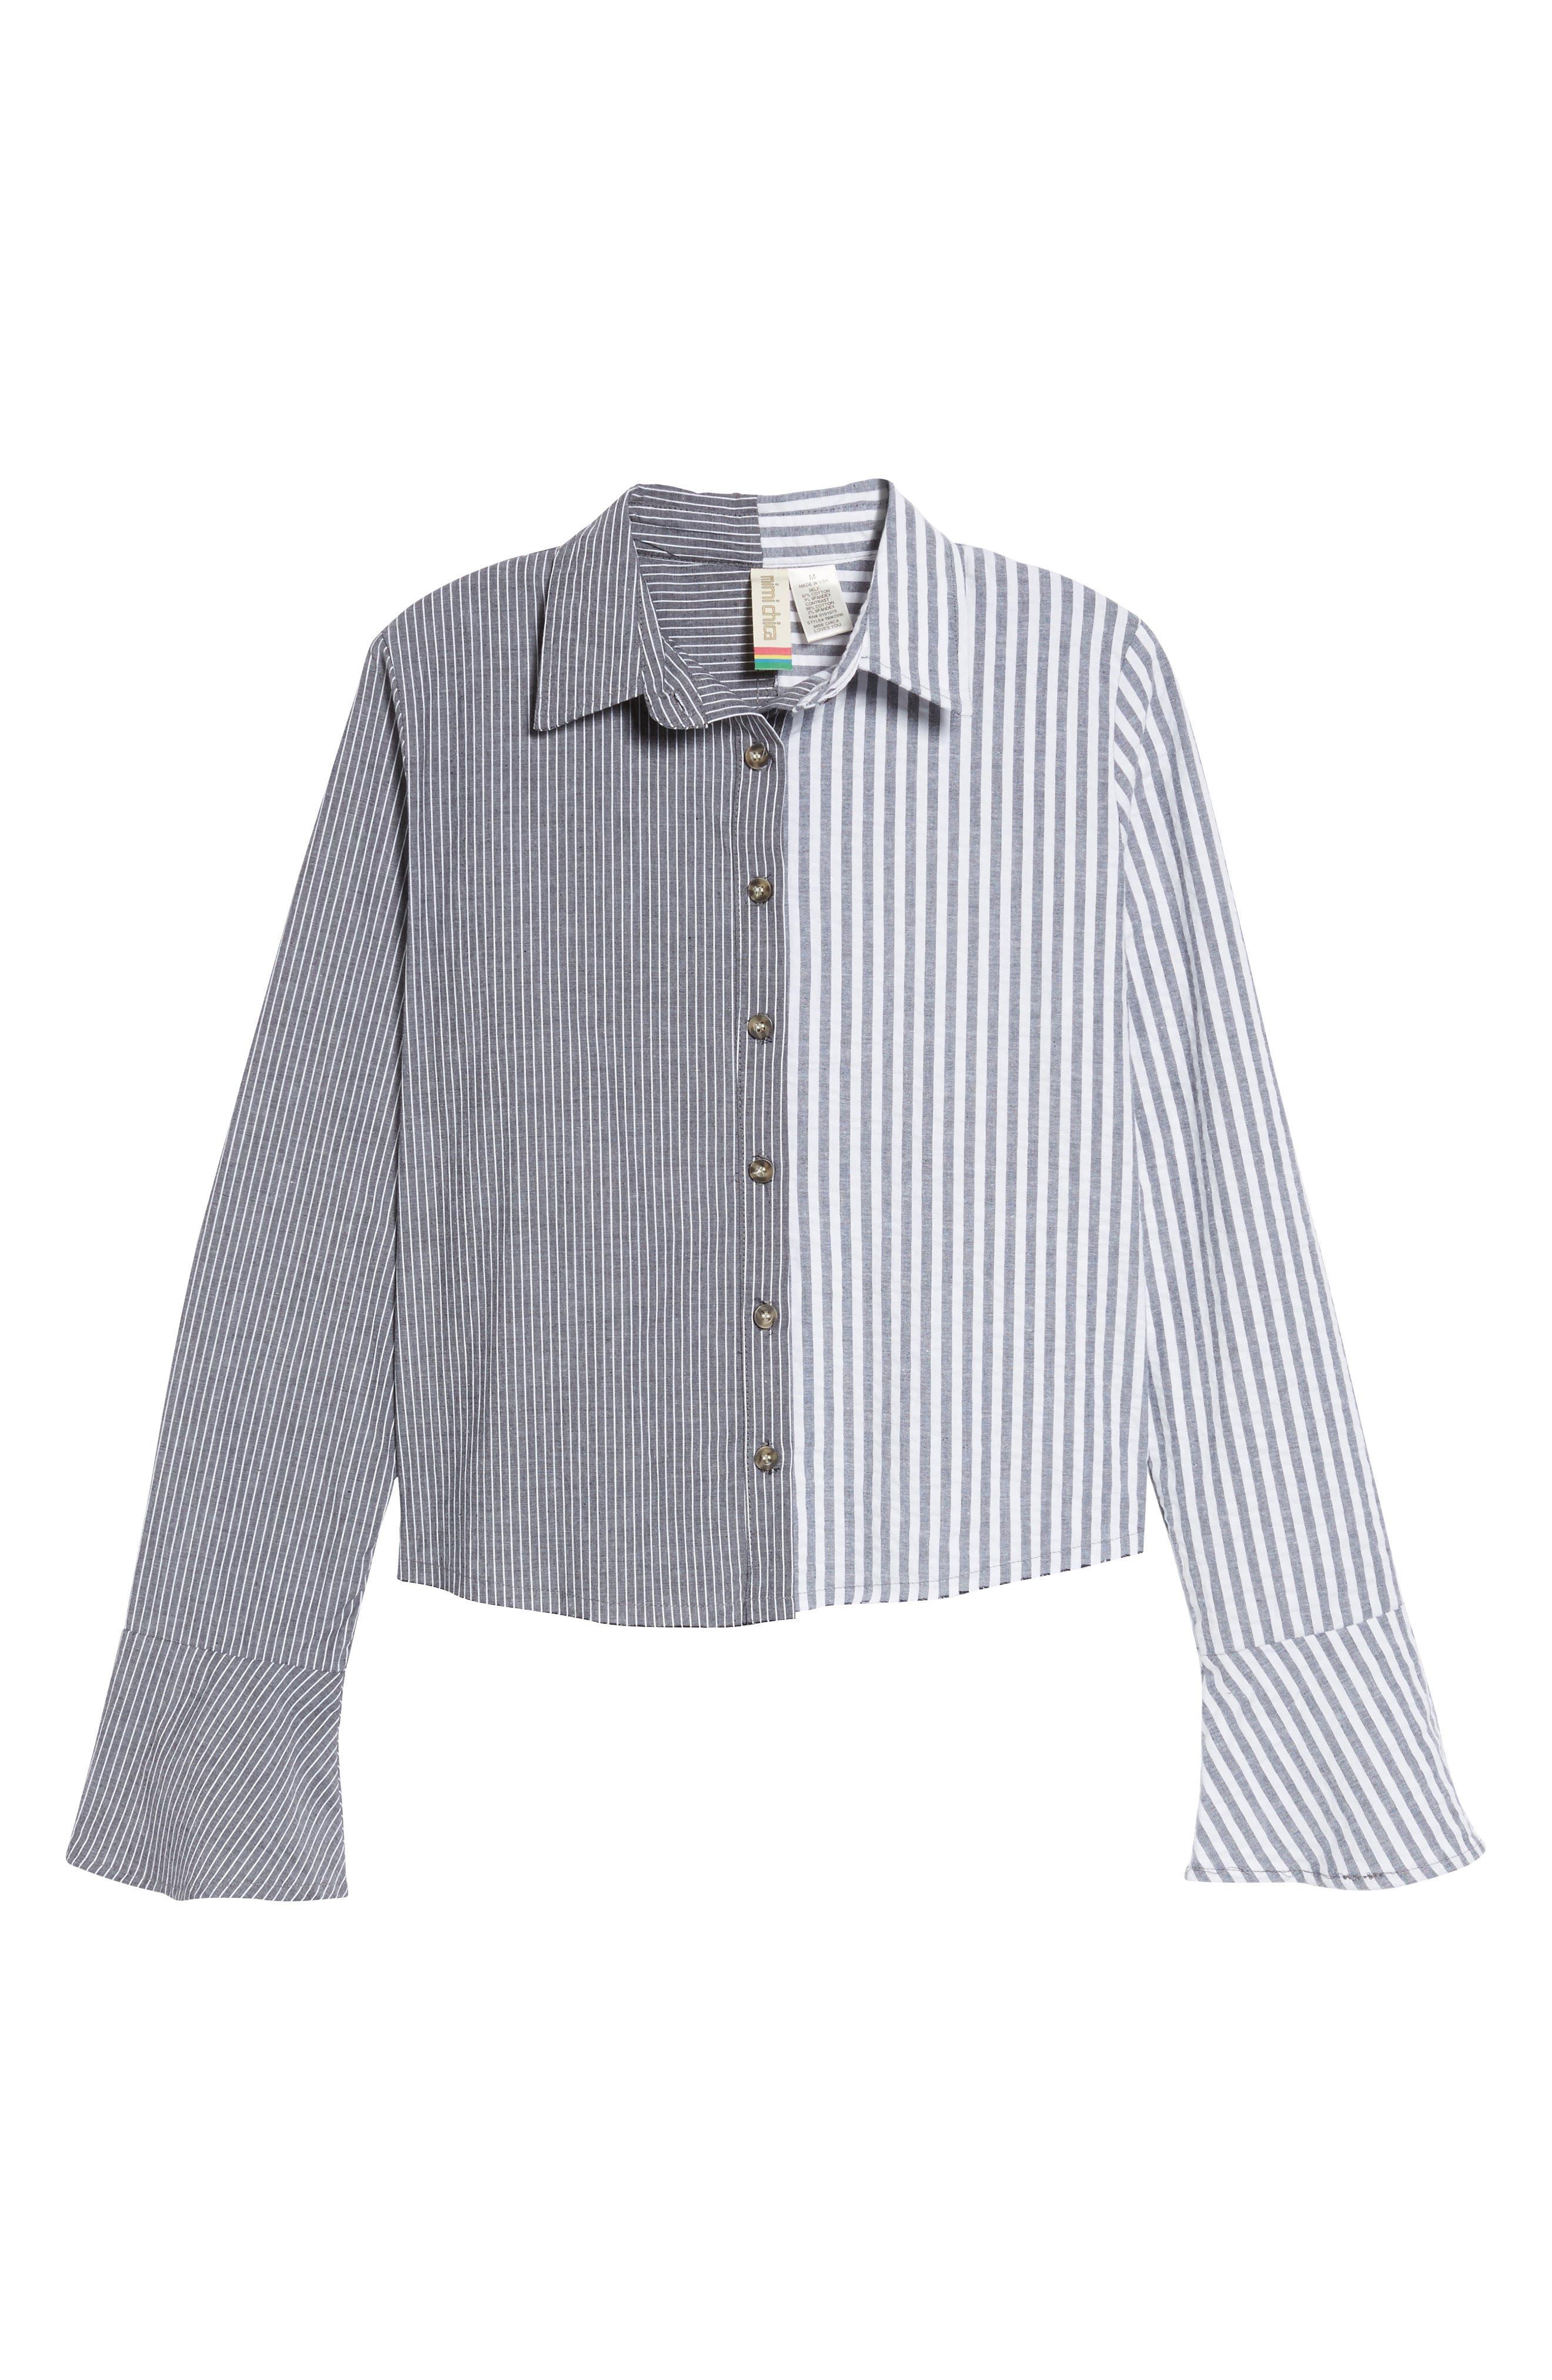 Mismatch Stripe Shirt,                             Alternate thumbnail 6, color,                             020